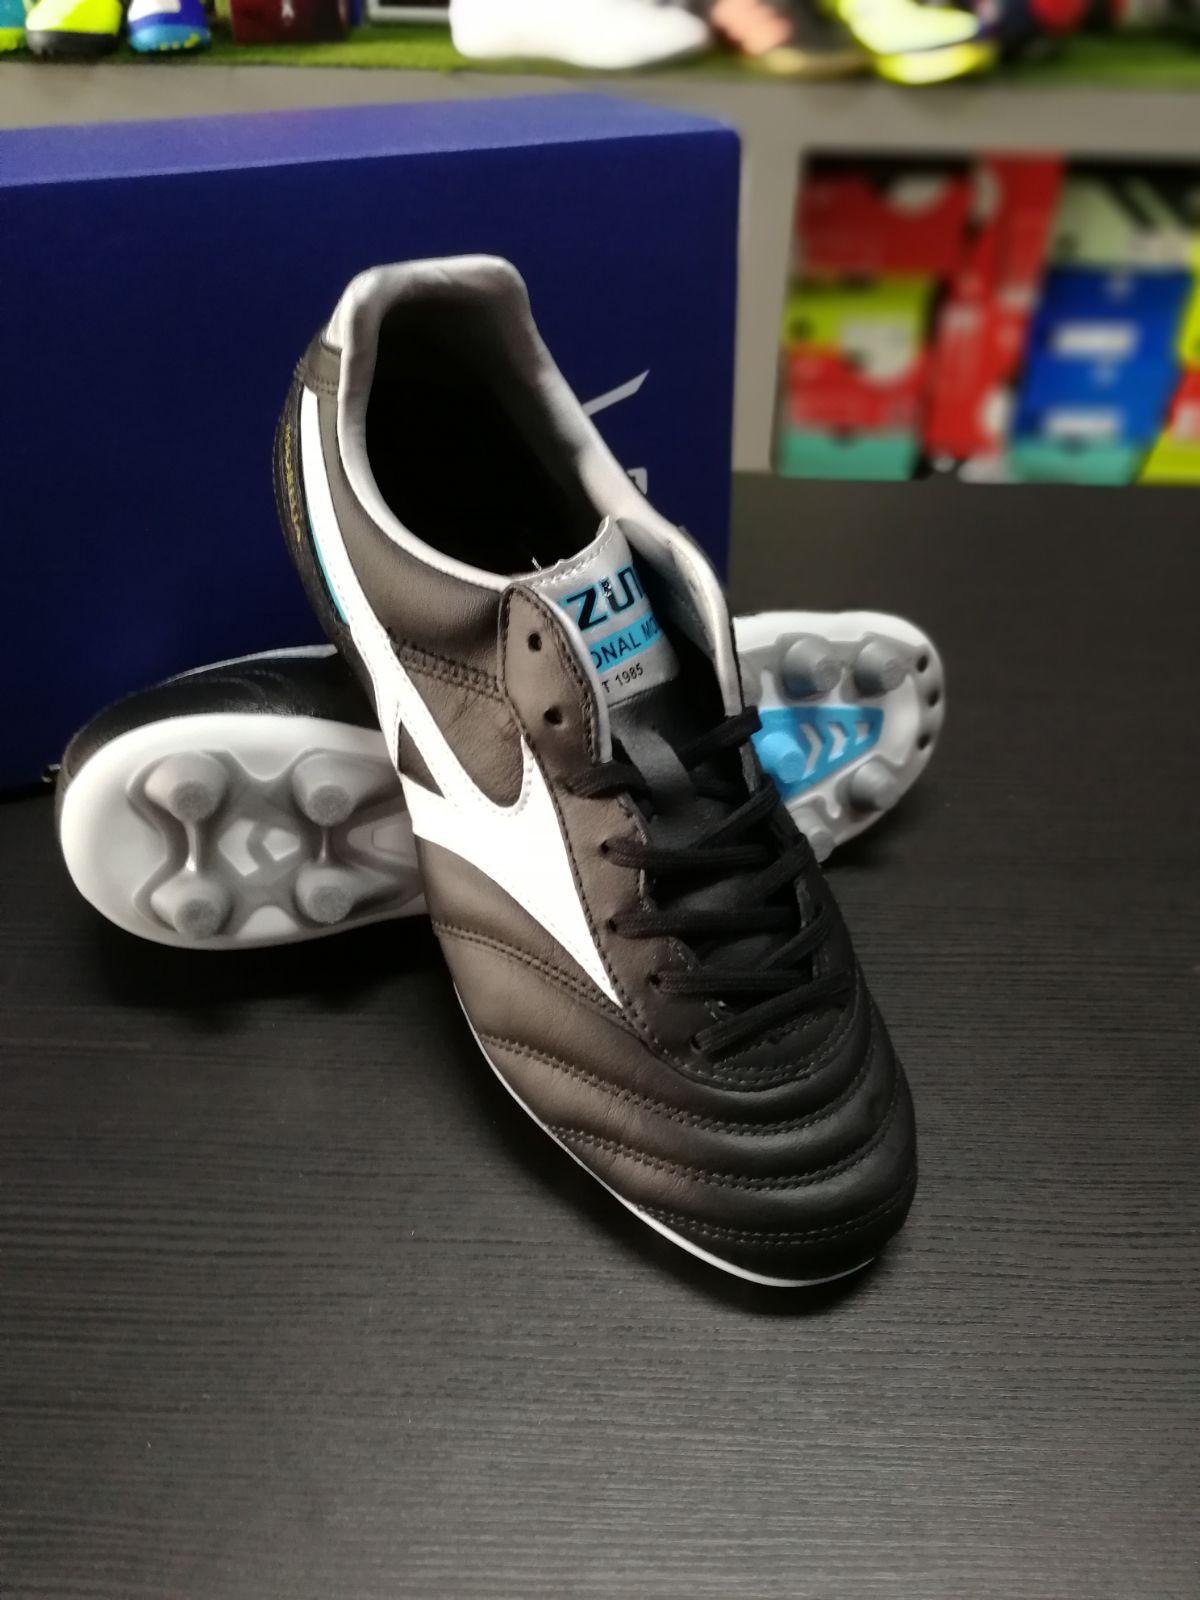 Football-shoes-Mizuno-Scarpe-Calcio-Morelia-II-MD-FG-Nero-2018-Pelle-di-cangur miniatura 5